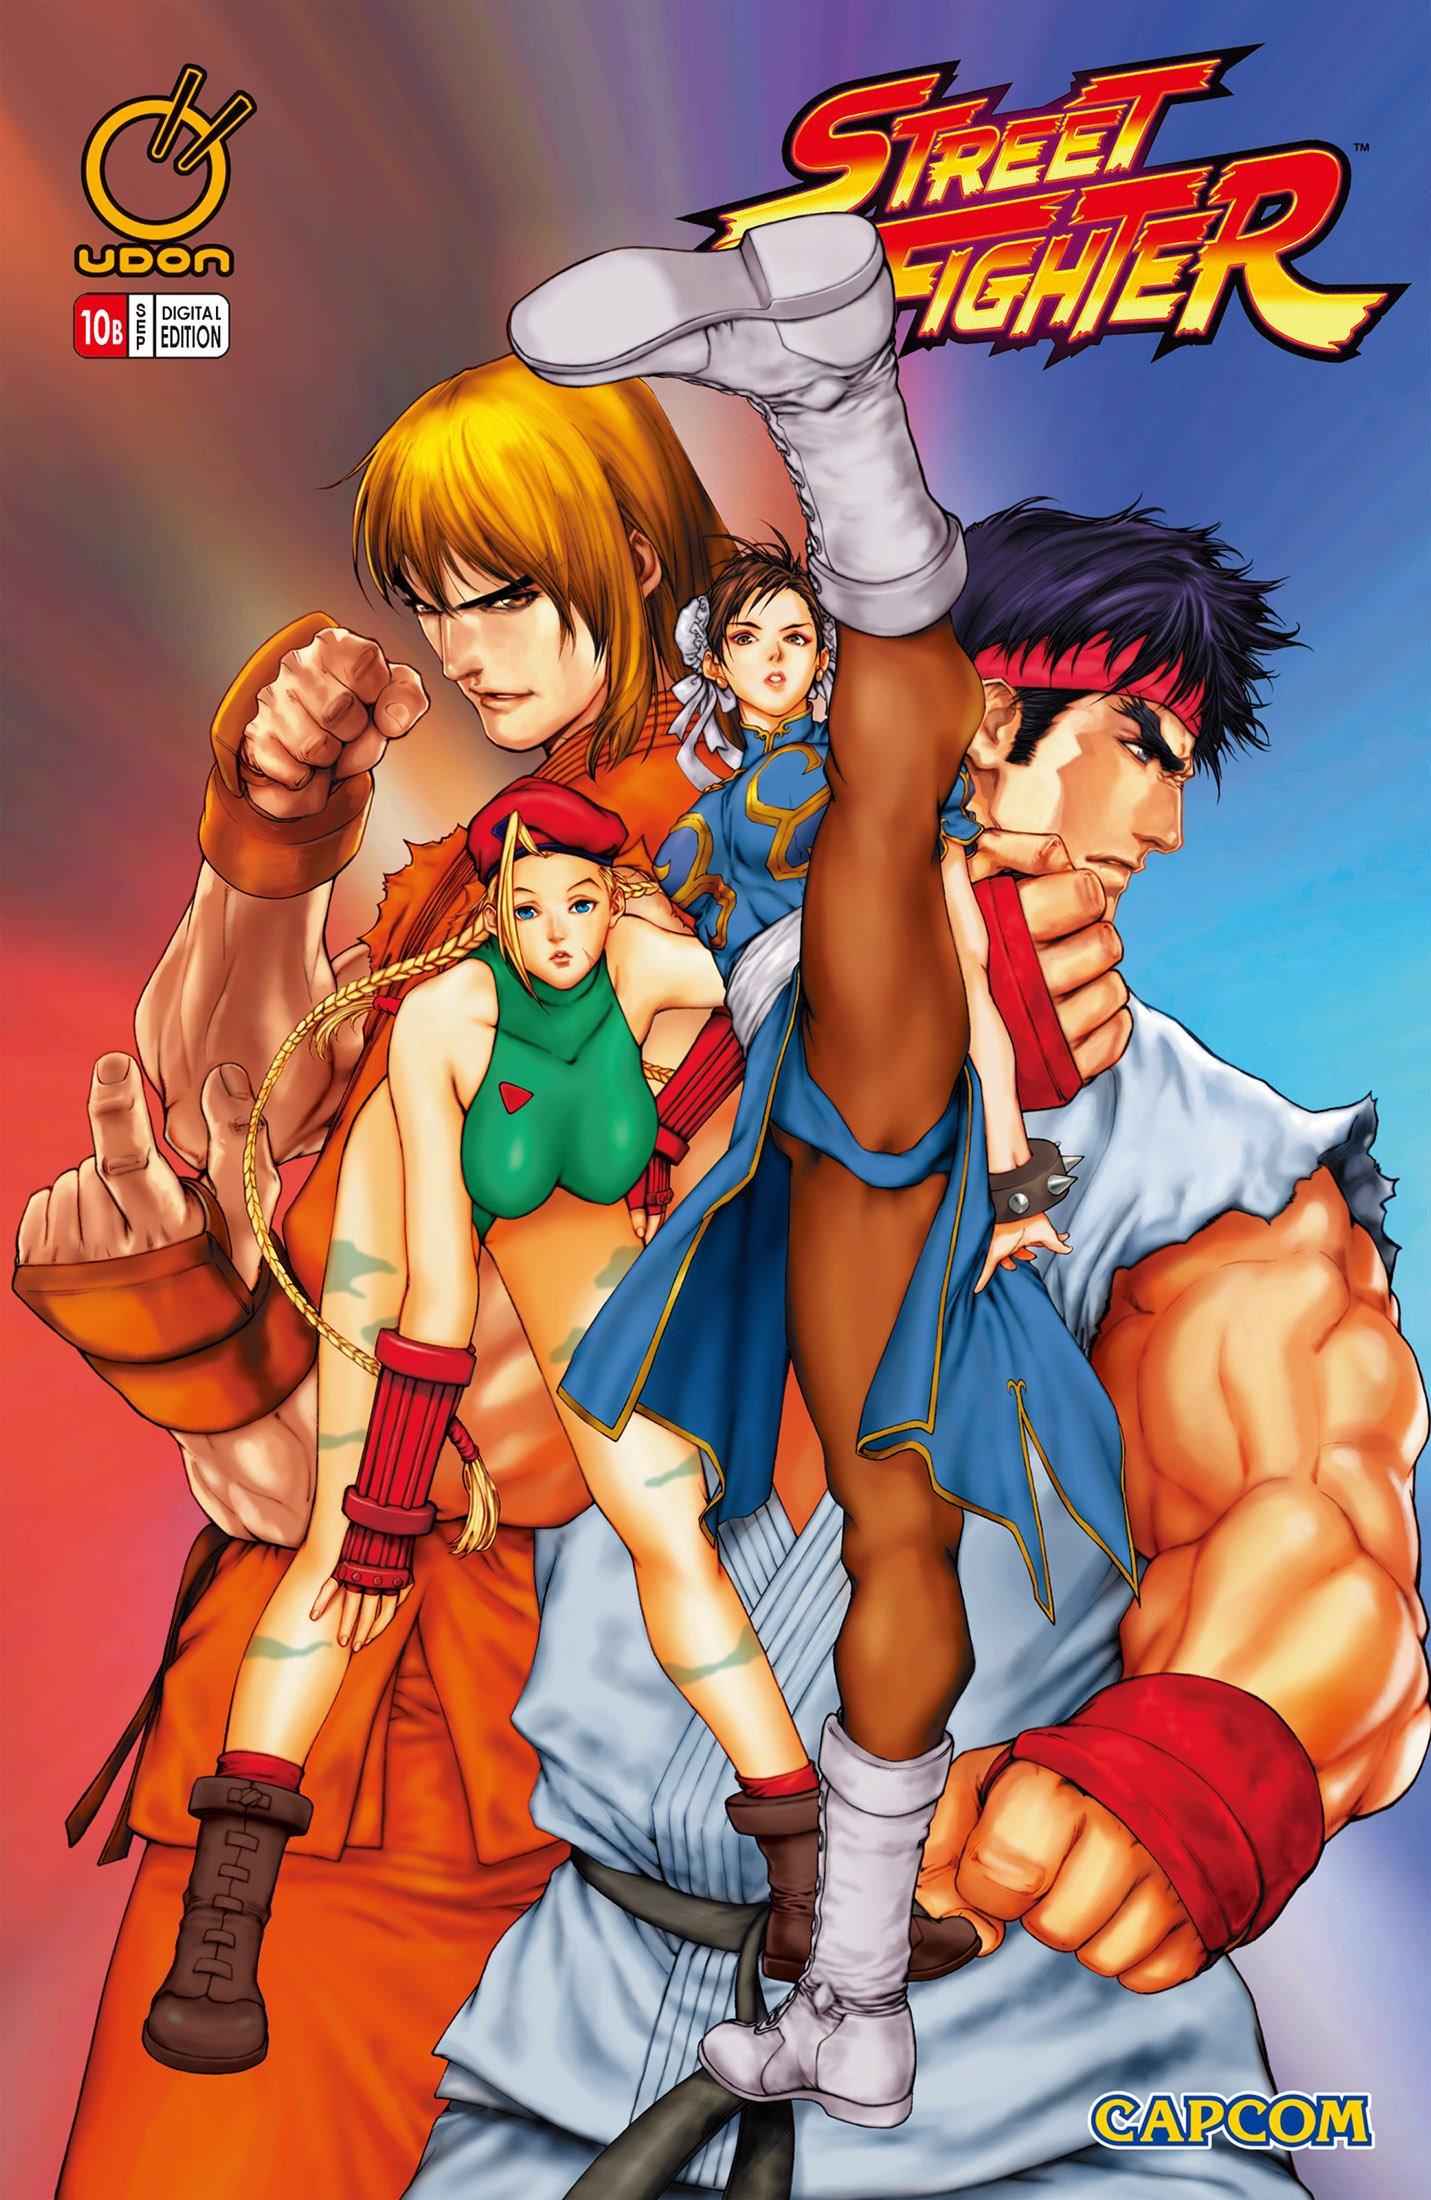 Street Fighter Vol.1 010 (September 2004) (cover b)